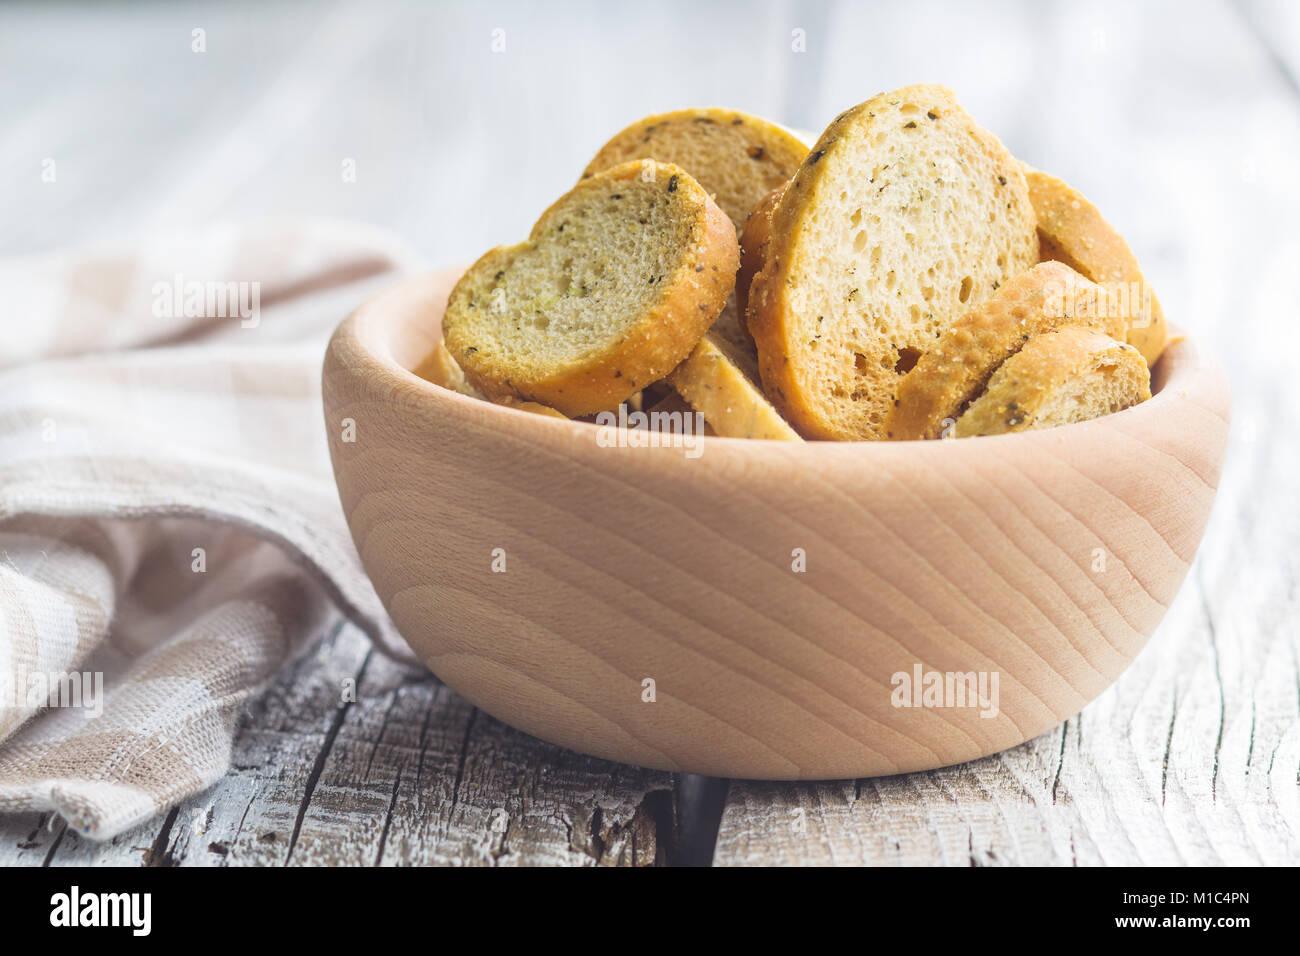 Pan crujiente bruschetta en tazón de madera. Imagen De Stock